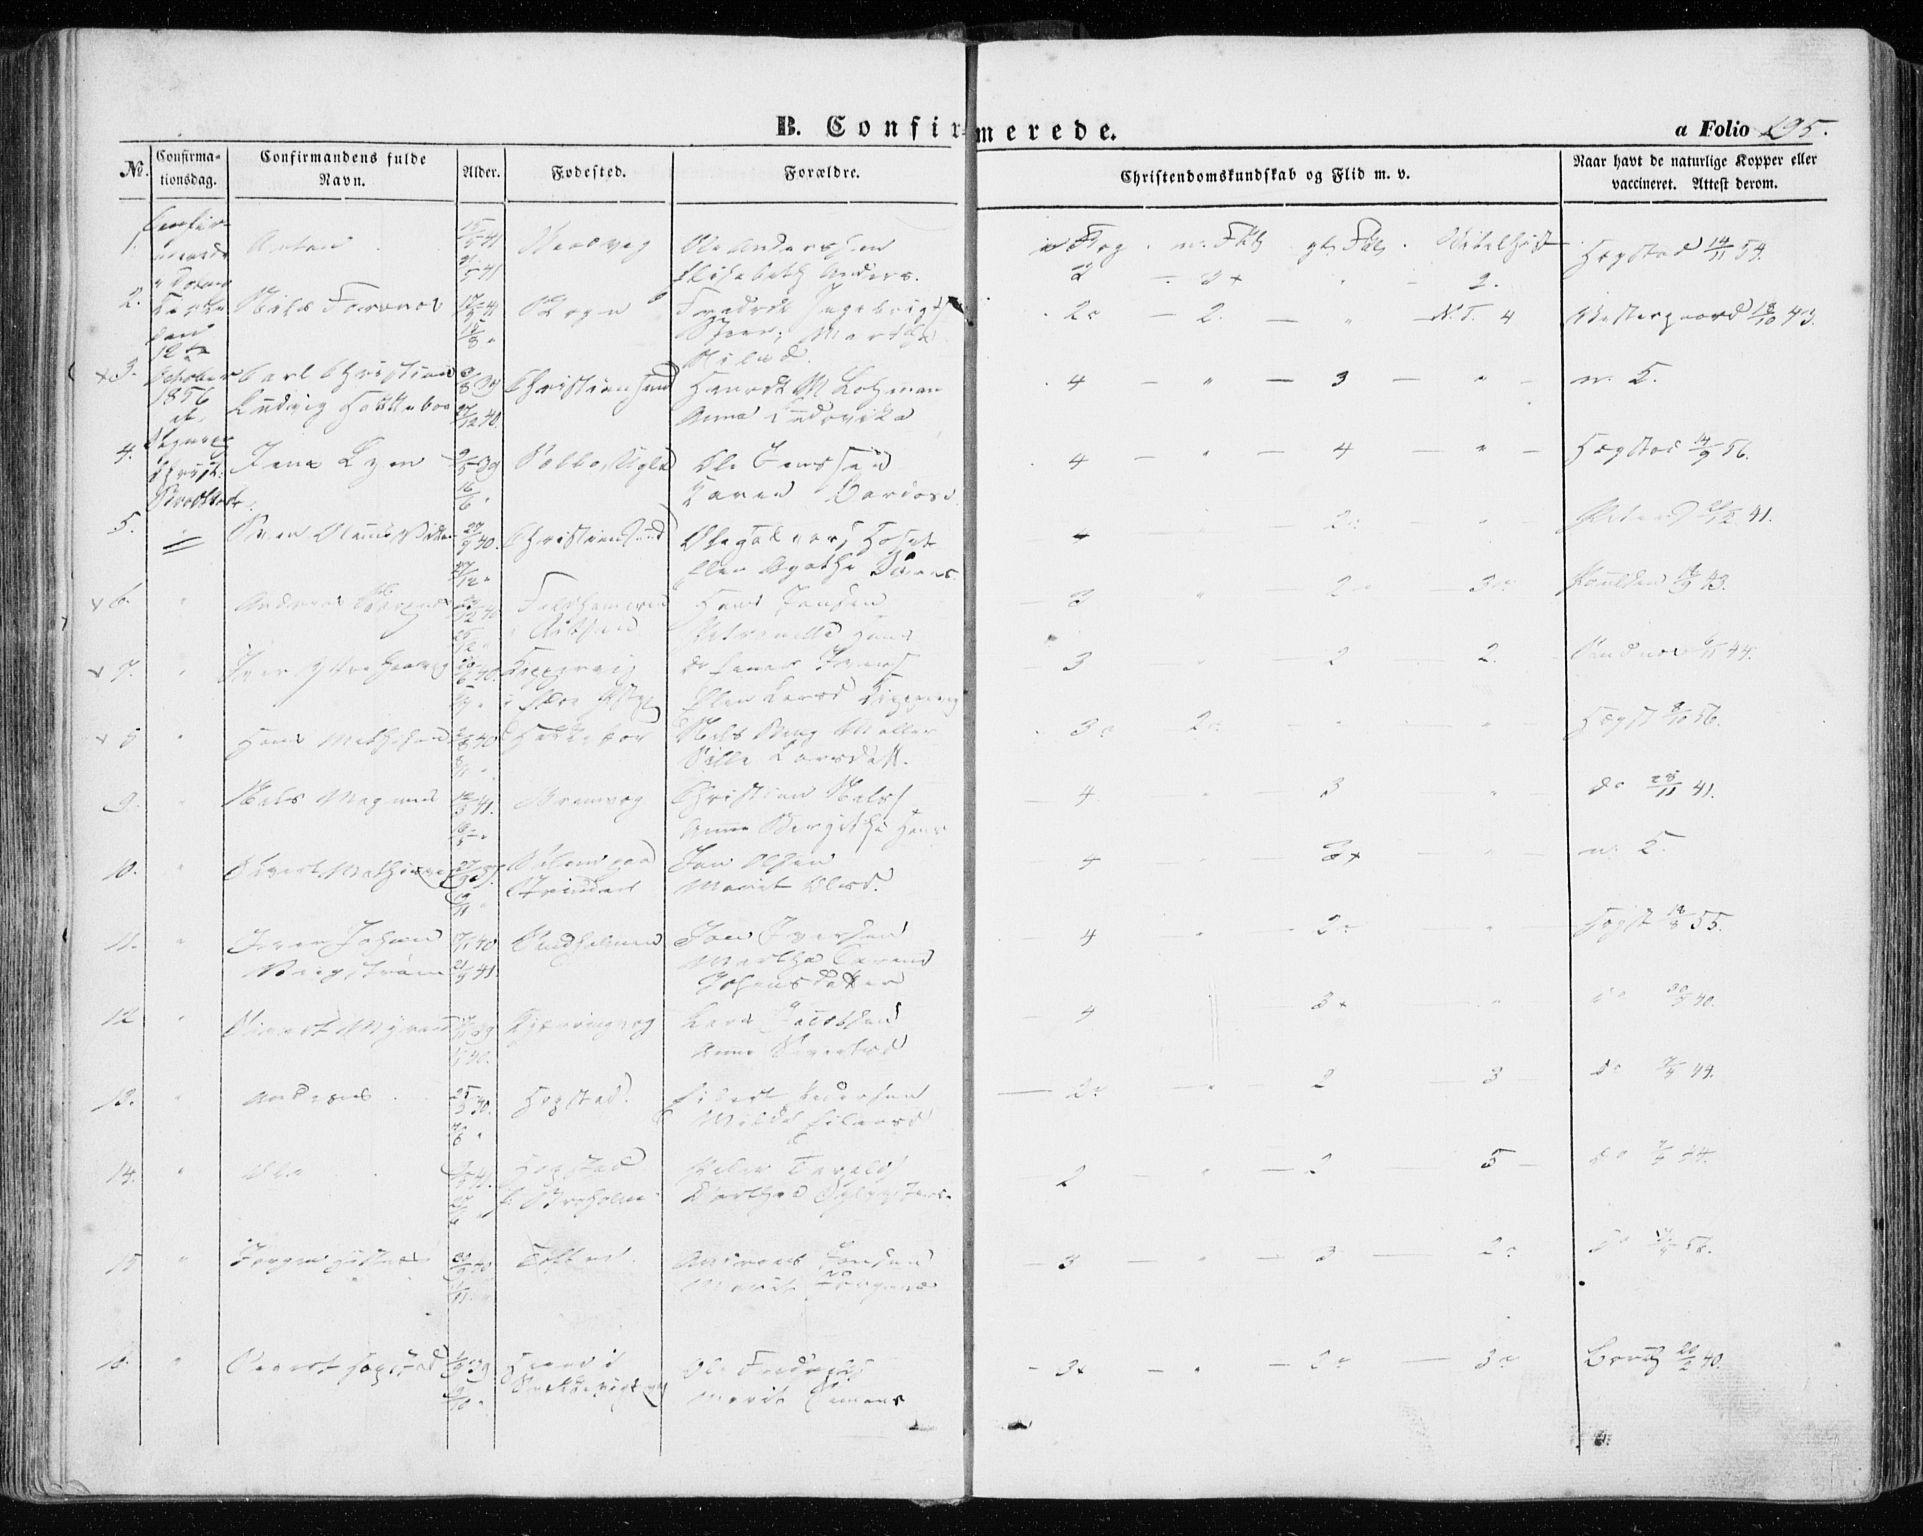 SAT, Ministerialprotokoller, klokkerbøker og fødselsregistre - Sør-Trøndelag, 634/L0530: Ministerialbok nr. 634A06, 1852-1860, s. 195